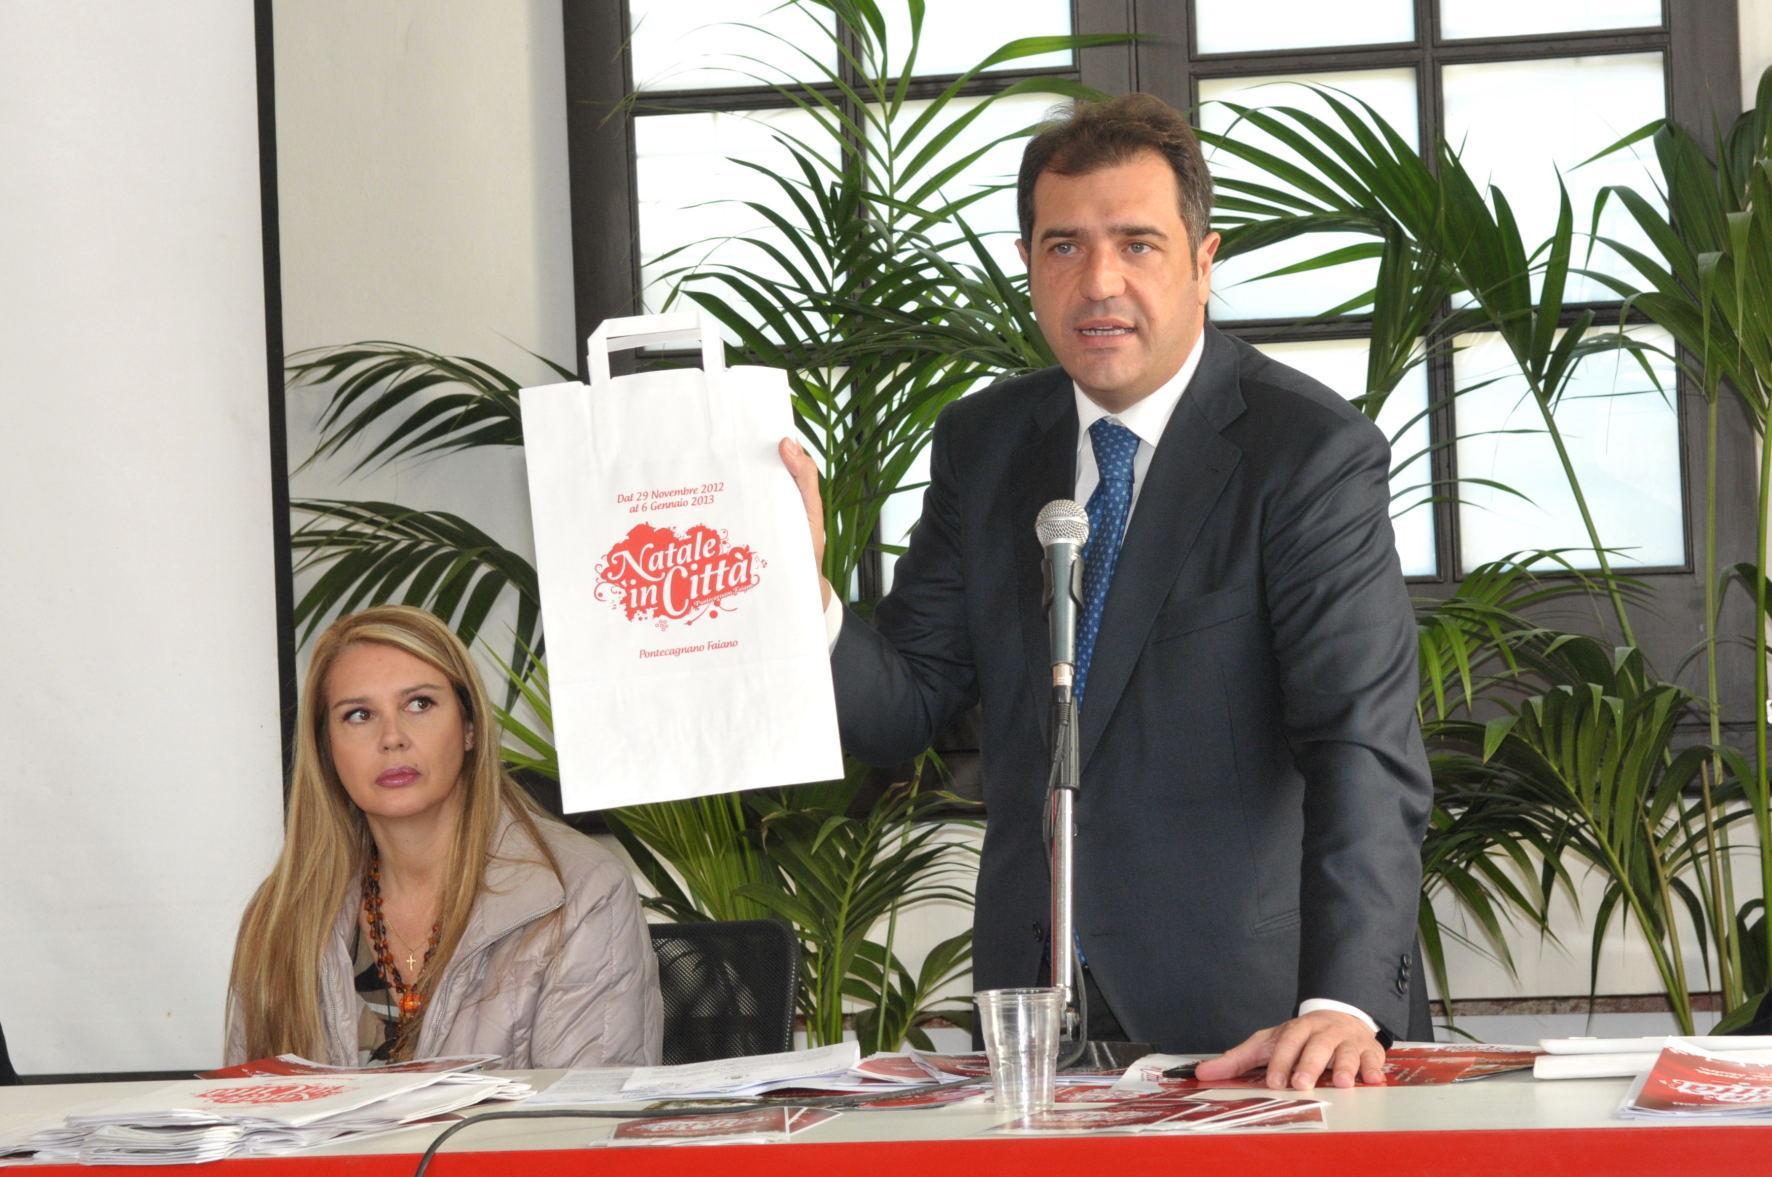 Ecco gli eventi del Natale 2012 a Pontecagnano Faiano